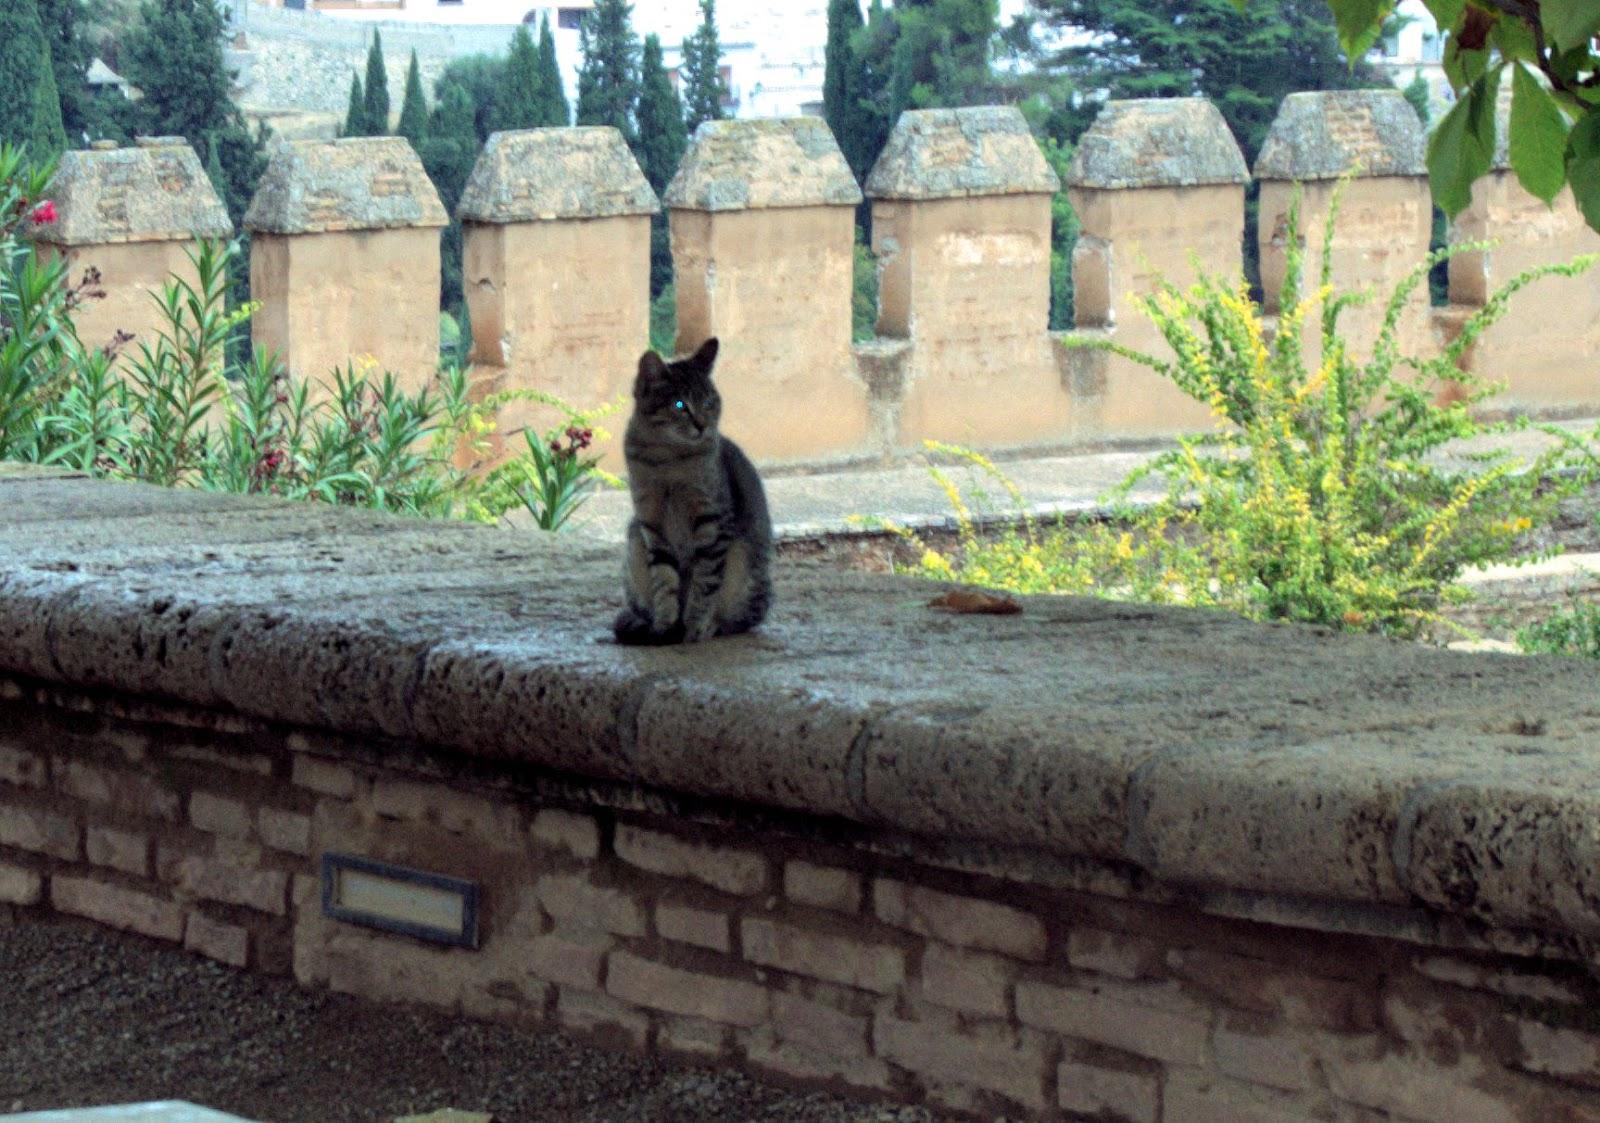 mi carrete fotográfico: Los gatos de la Alhambra